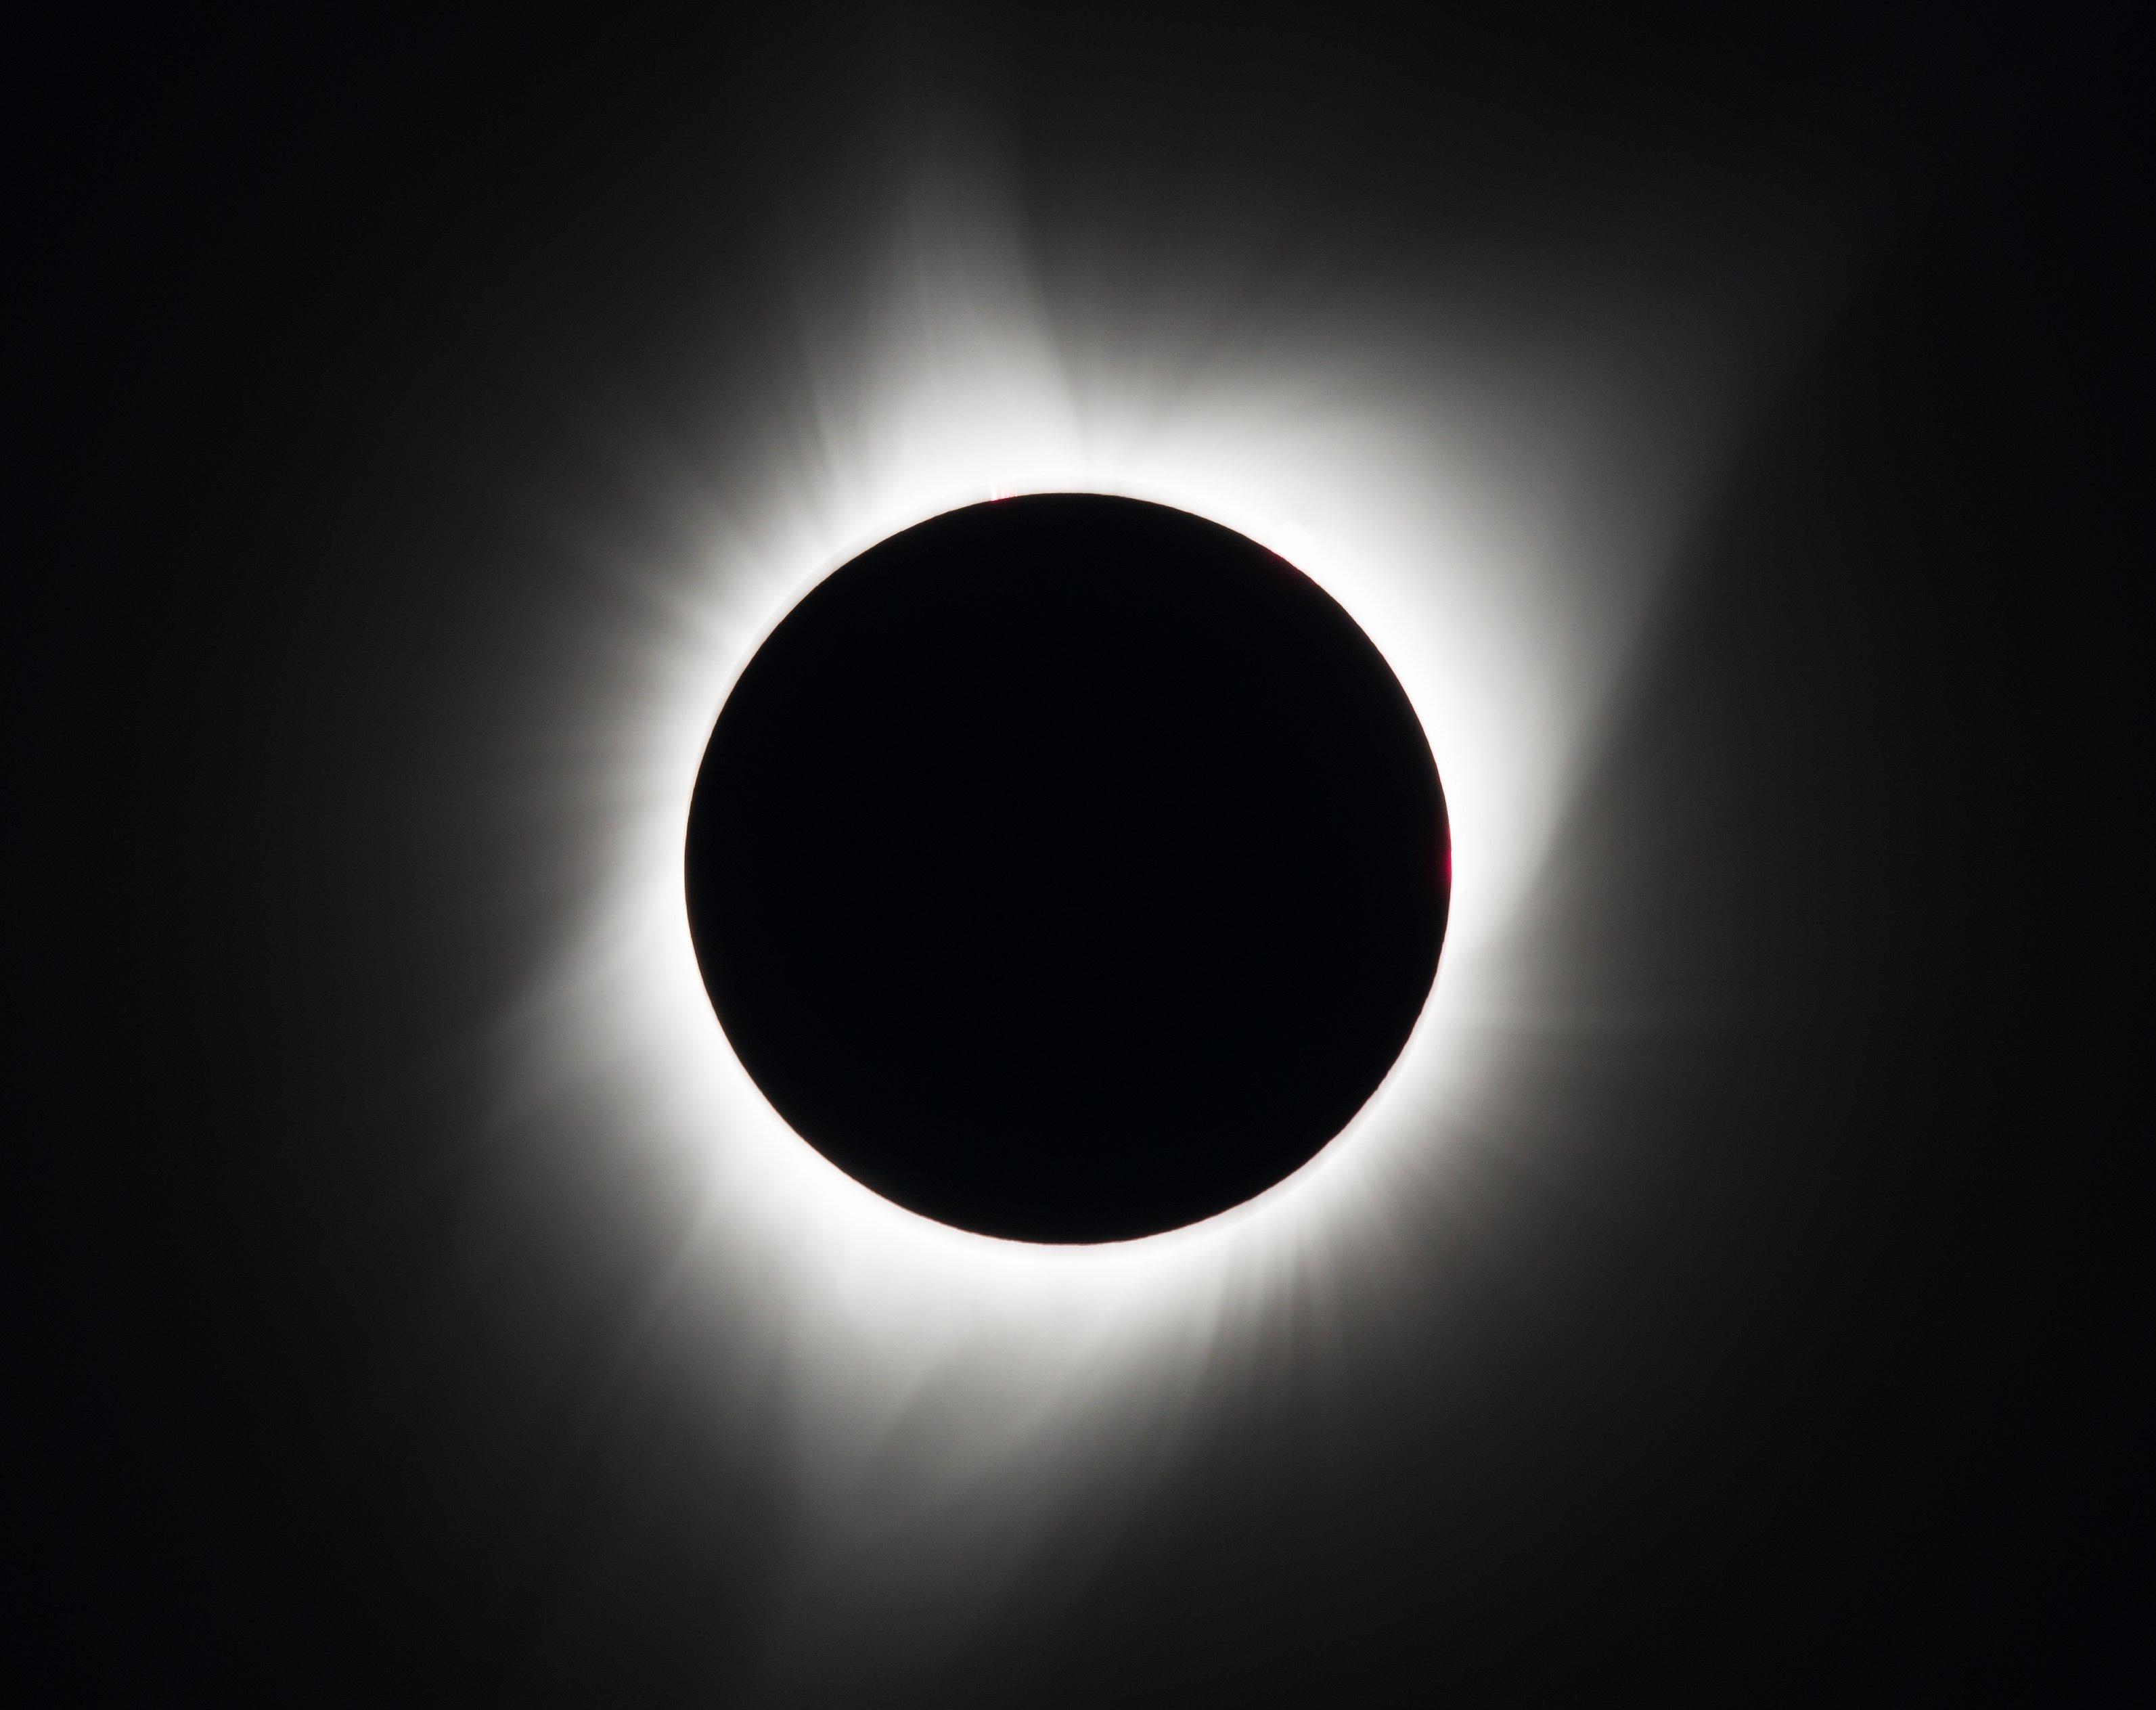 GRE01 MADRAS (ESTADOS UNIDOS), 21/08/2017.- Fotografía cedida por la NASA que muestra el eclipse solar total visto desde Madras, Oregon (Estados Unidos) hoy, 21 de agosto del 2017. El eclipse de hoy será un acontecimiento en EE.UU., donde será total y se podrá ver de costa a costa. EFE/NASA/Aubrey Gemignani/CRÉDITO OBLIGATORIO/NASA/AUBREDY GEMIGNANI/FOTOGRAFÍA CEDIDA/SÓLO USO EDITORIAL/PROHIBIDA SU VENTA